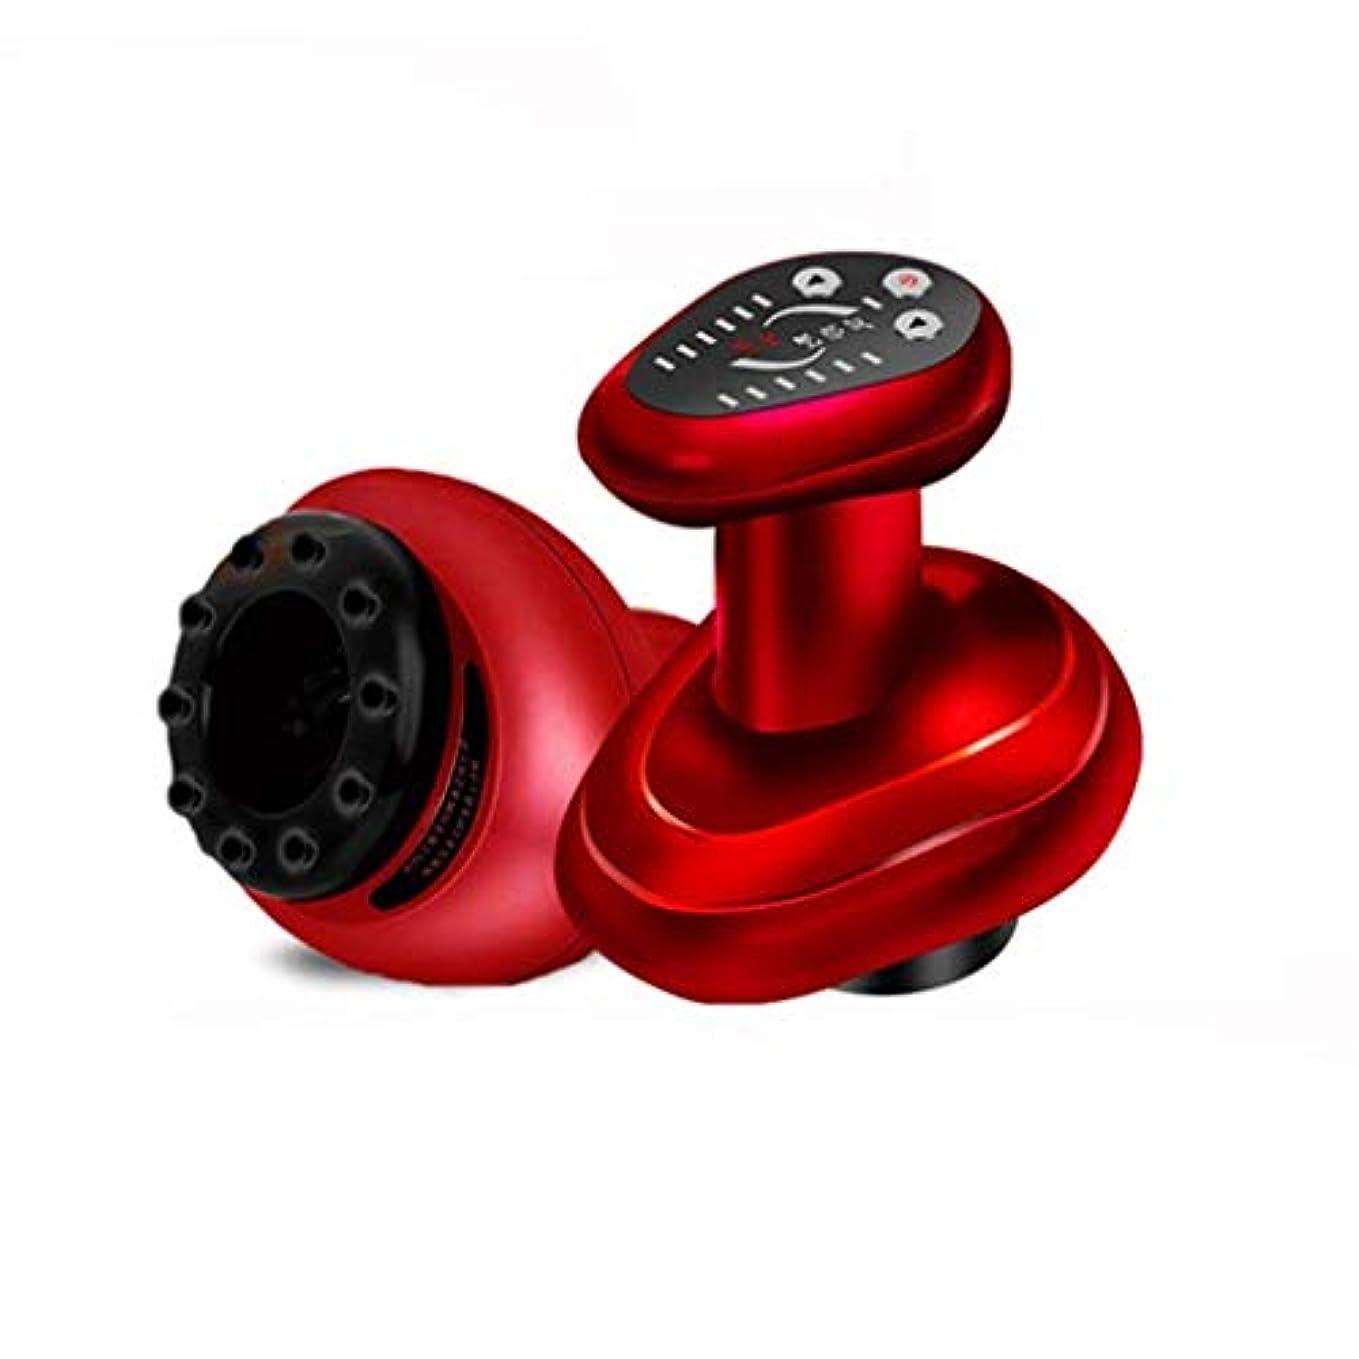 簡略化する激しい偶然スクレーピング装置、電動スクレーピングマッサージャー、USBバキュームカッピング鍼減量マッサージャースクレーピング器具温熱療法マッサージ、血液循環の促進、子午線マッサージ (Color : Red)